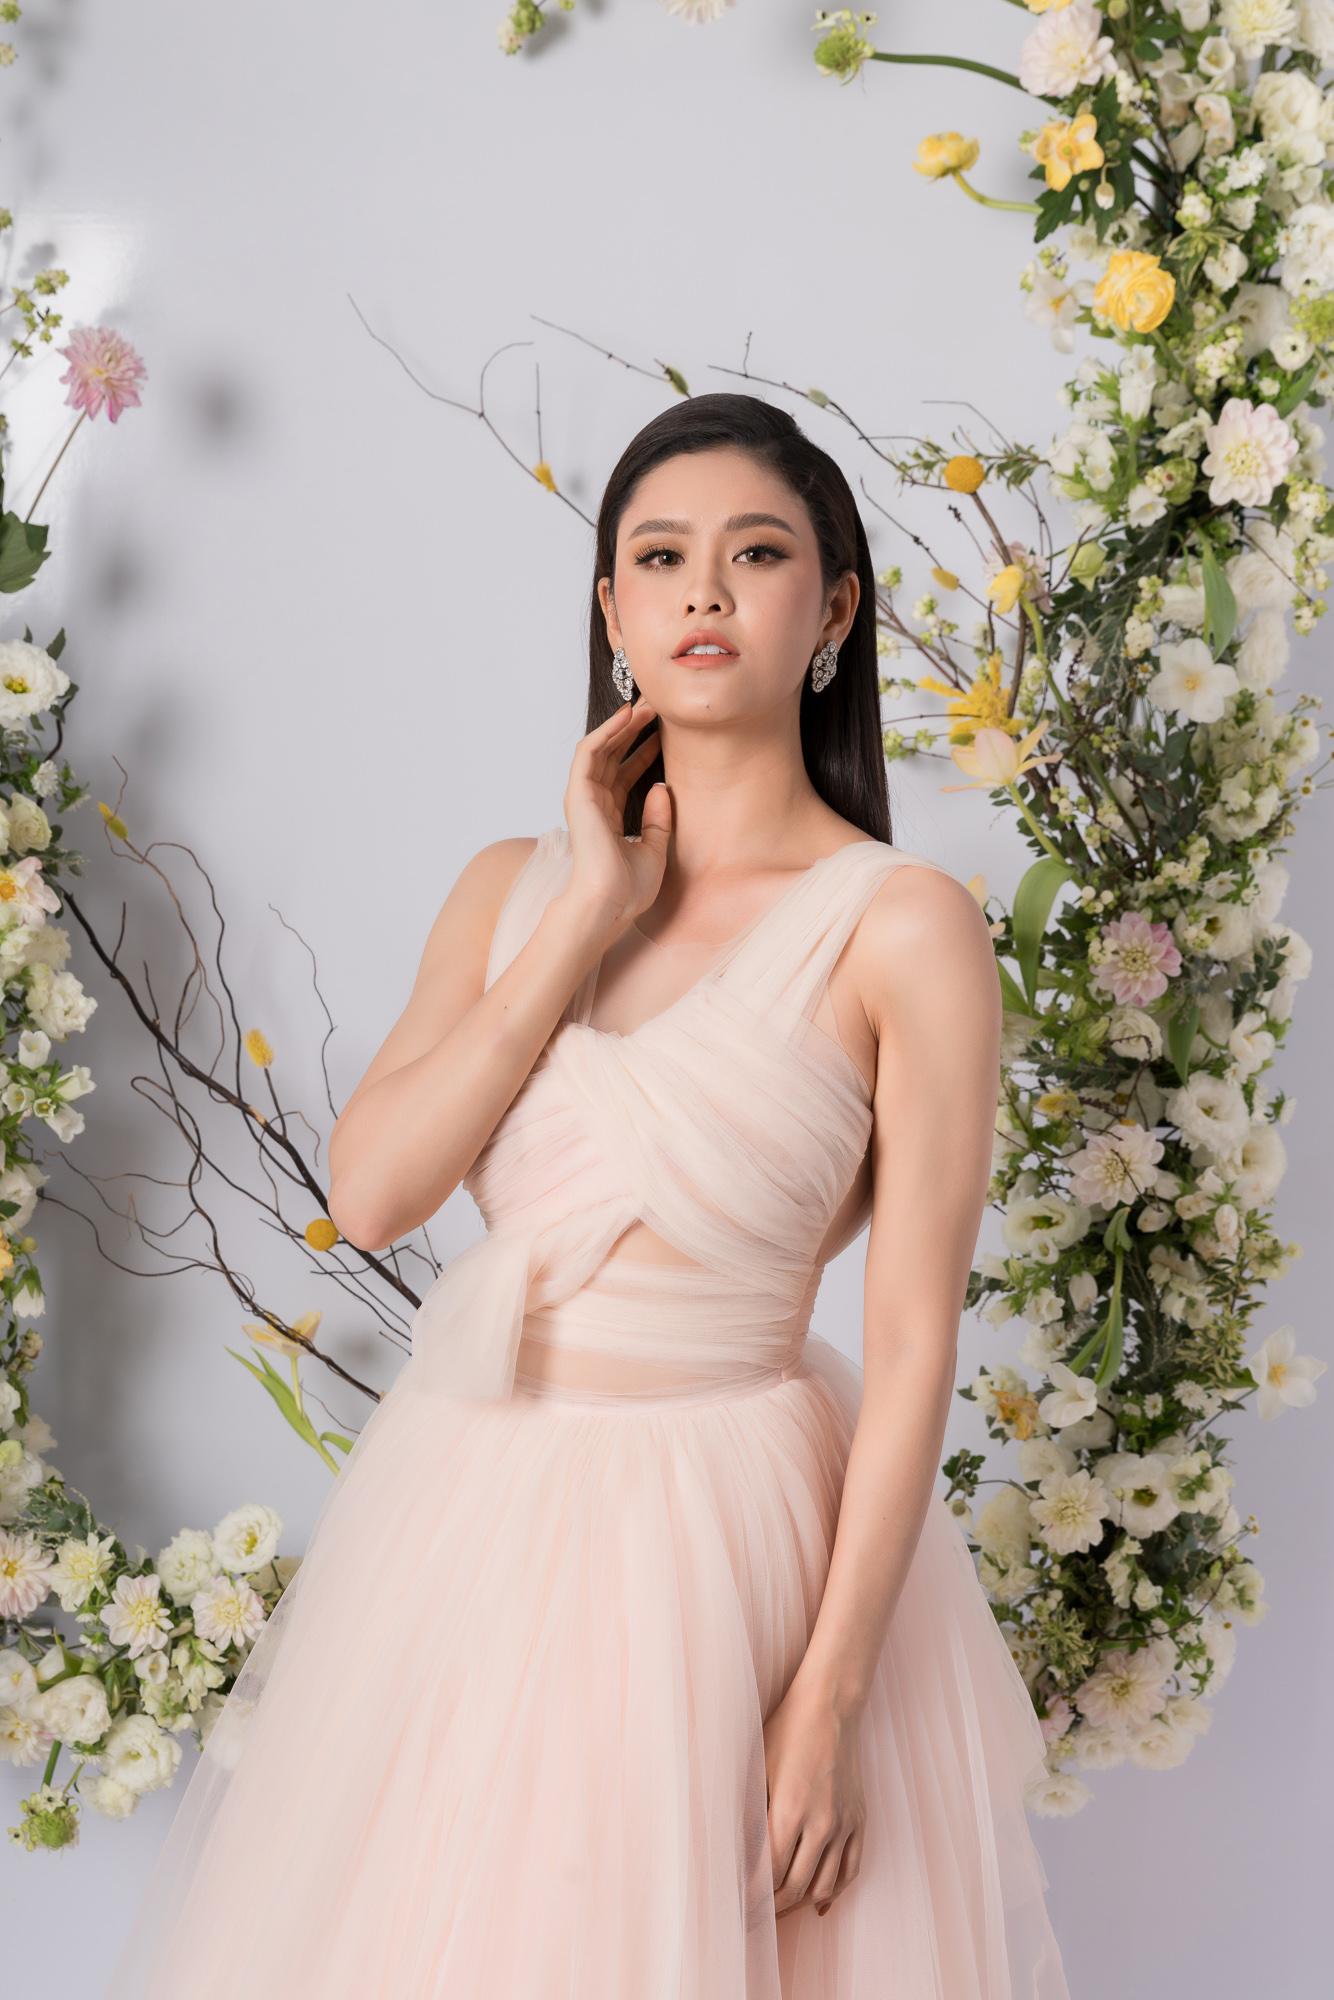 Nhã Phương, H'Hen Niê, Đỗ Mỹ Linh cùng khoe dáng với váy cưới - Ảnh 13